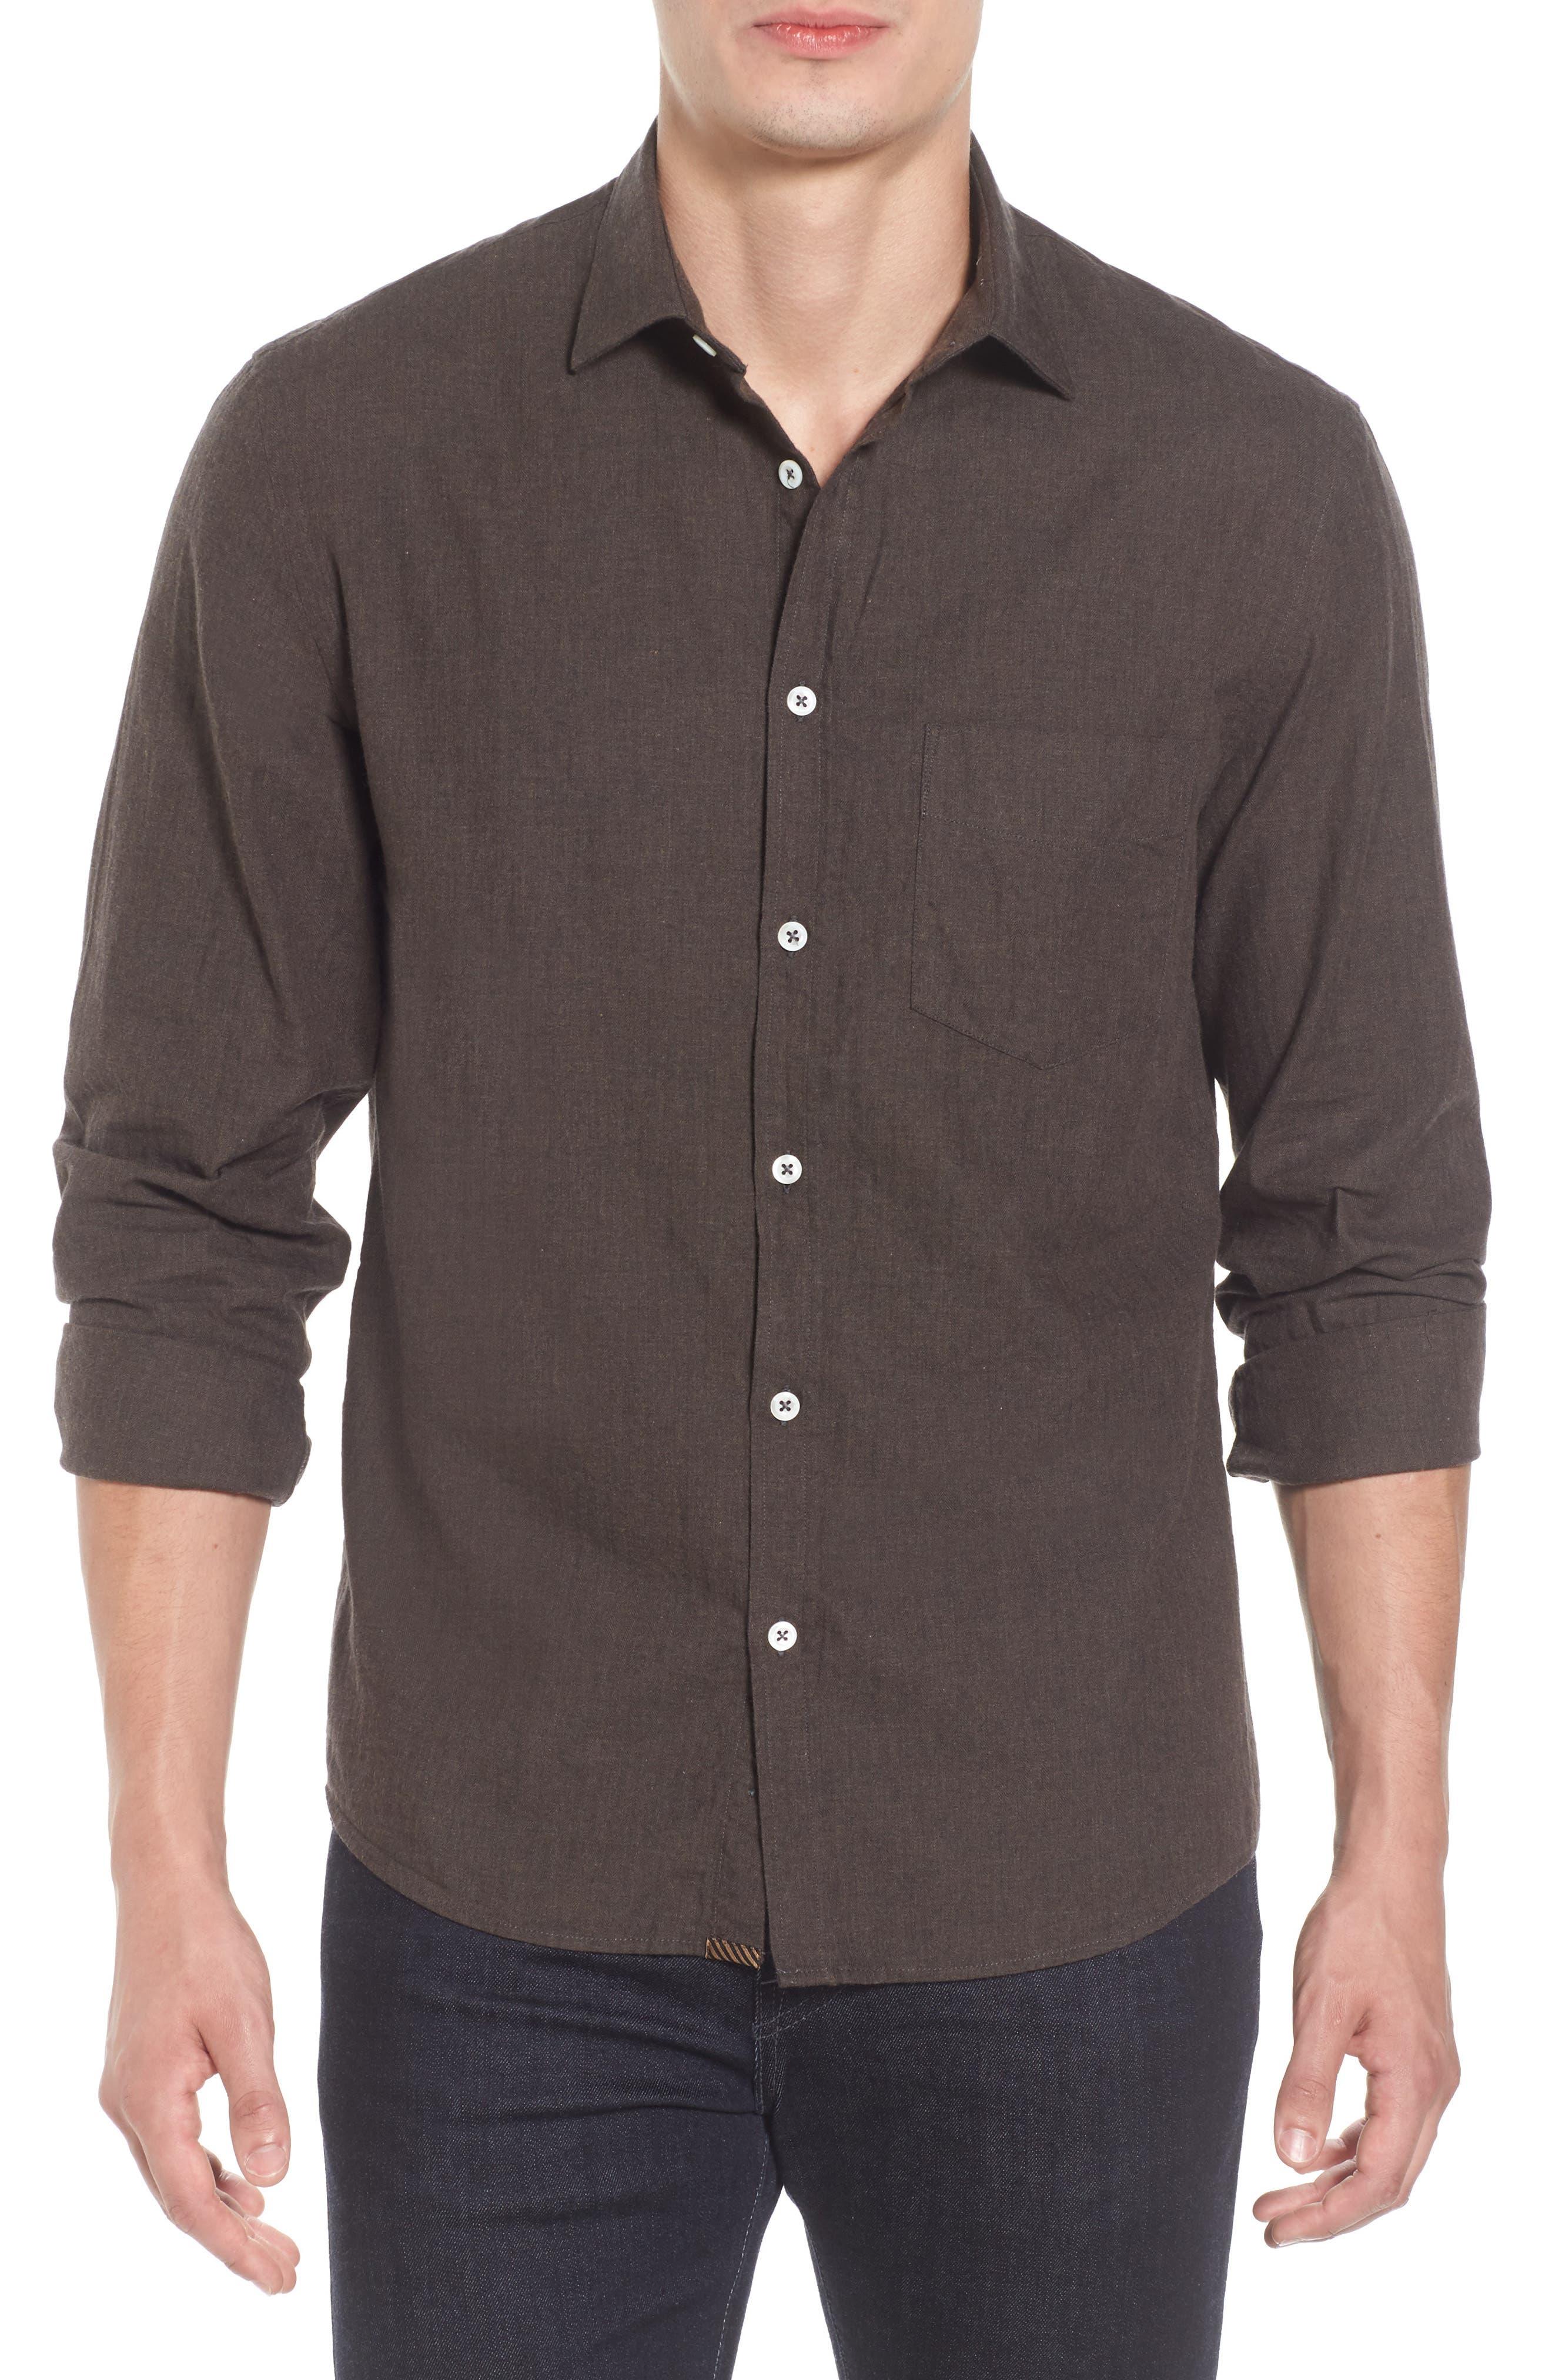 John T Standard Fit Herringbone Shirt,                             Main thumbnail 1, color,                             Brown